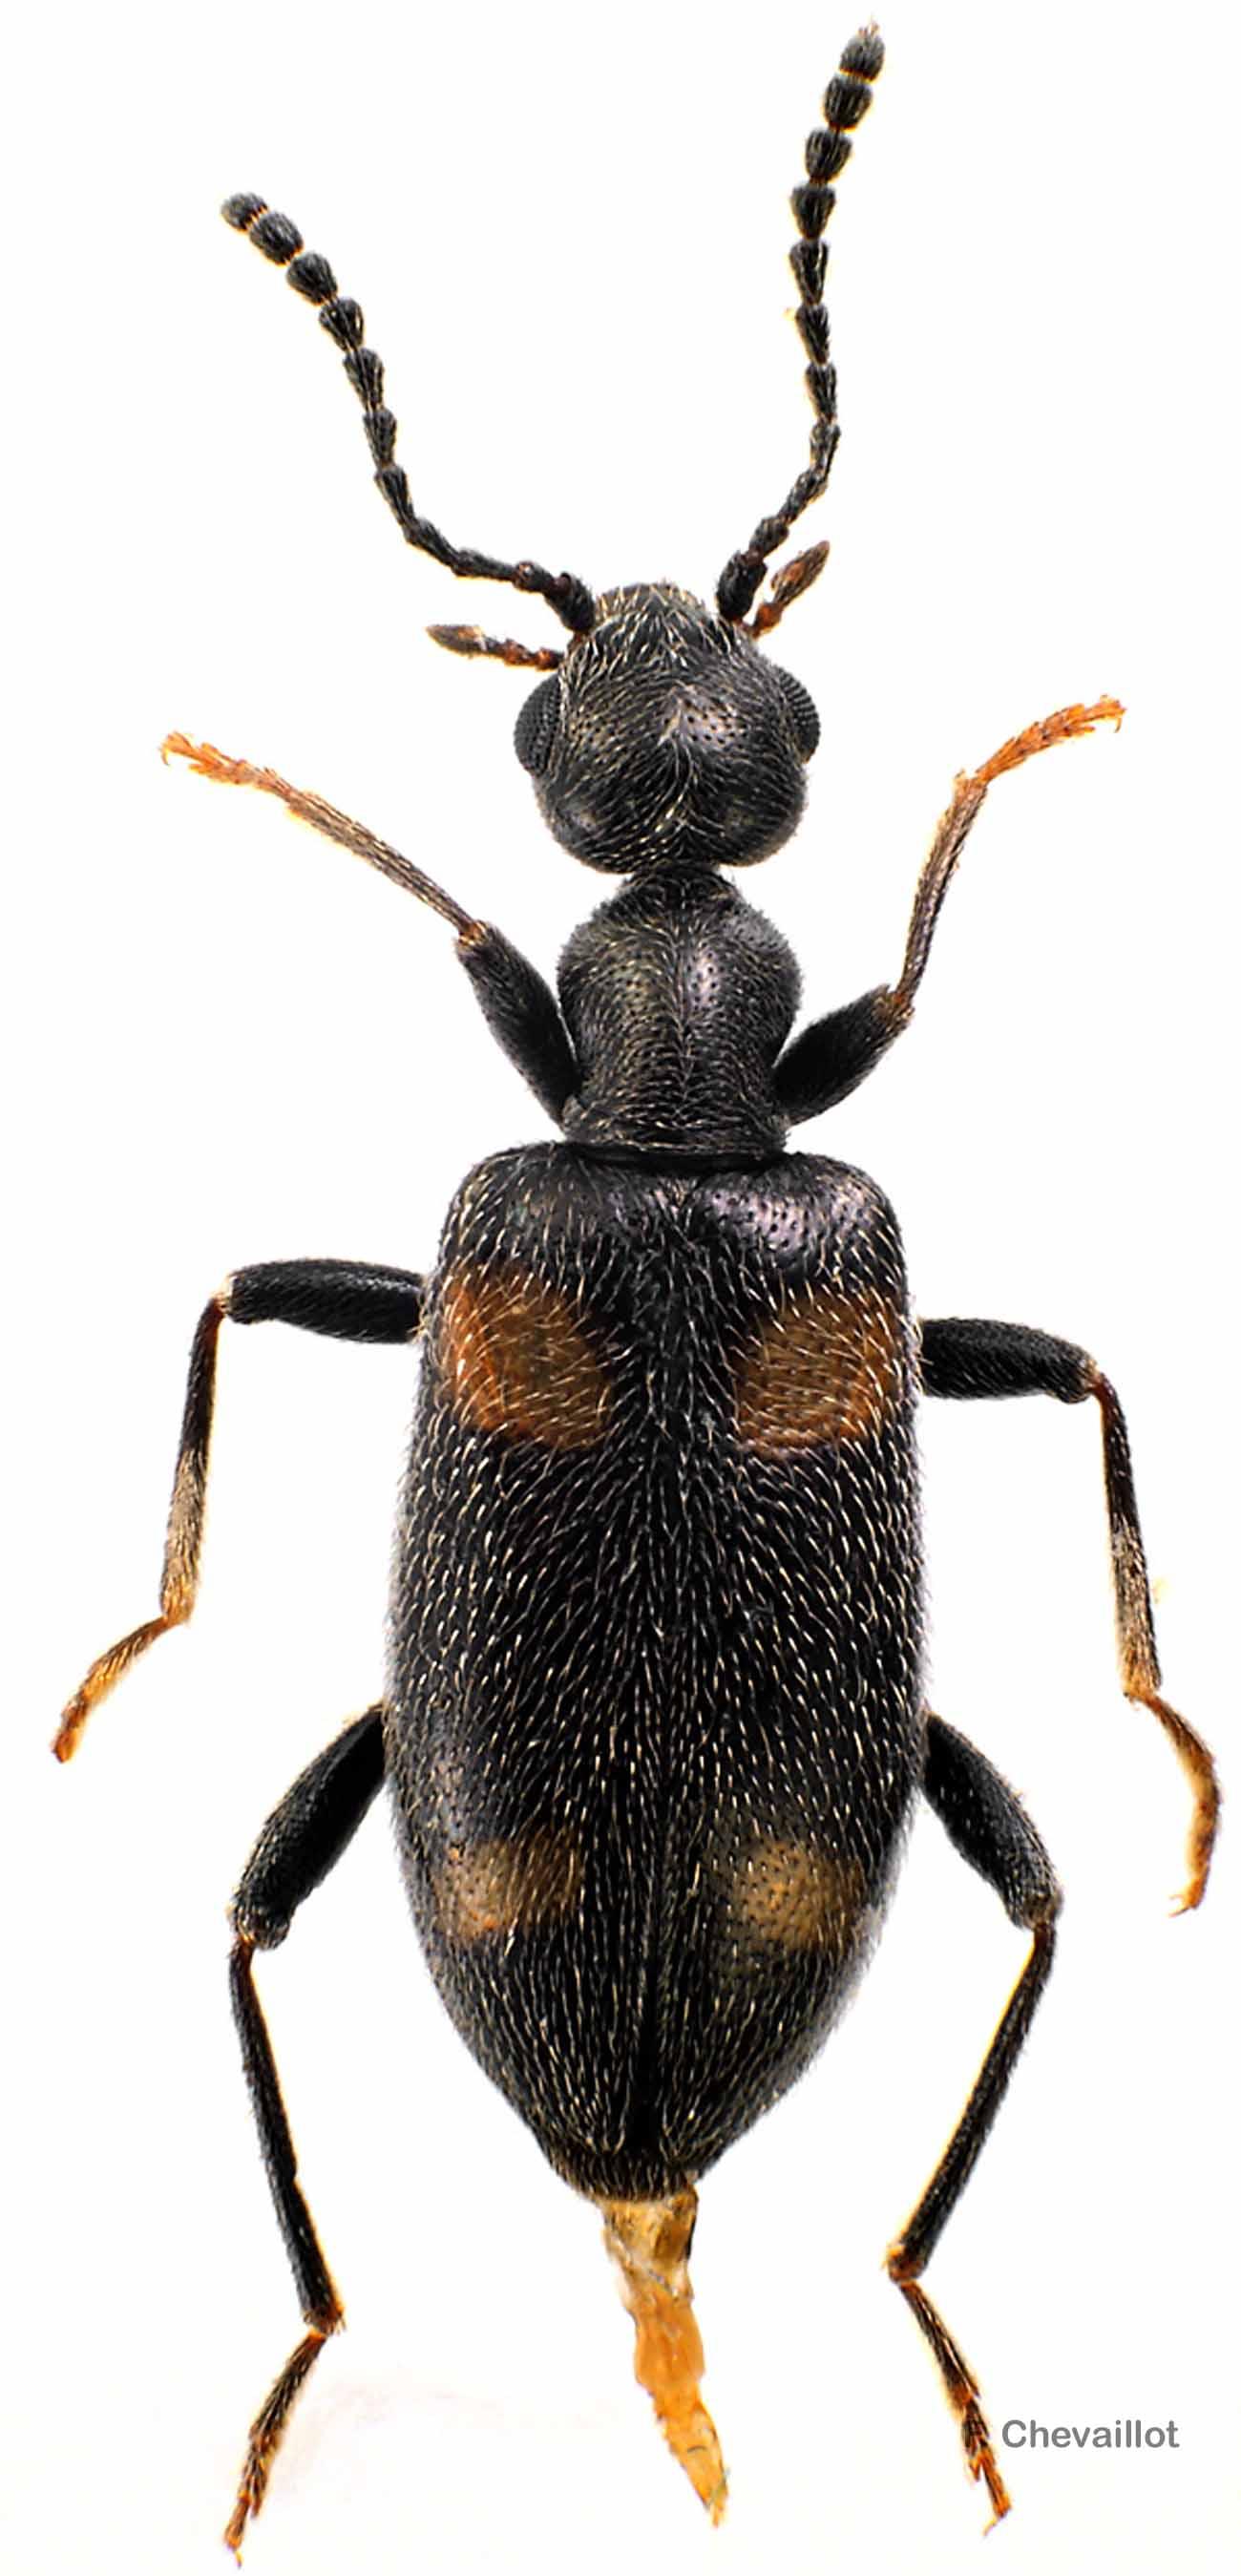 Stricticollis longicollis